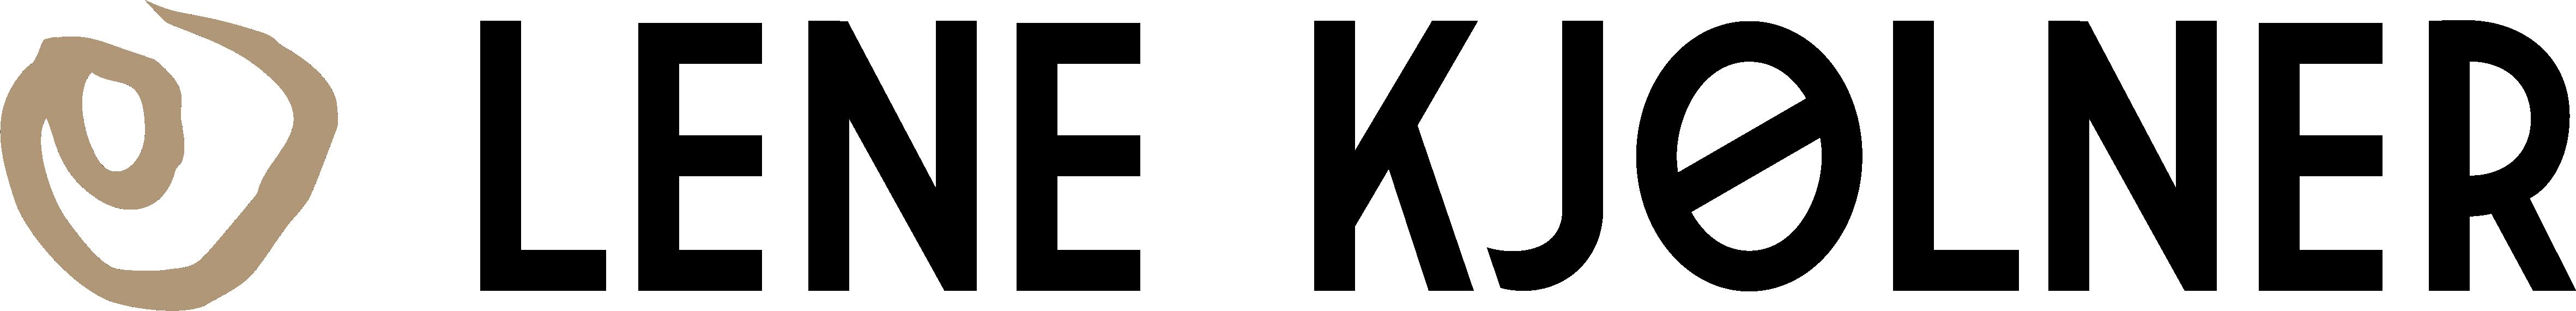 Lene Kjølner